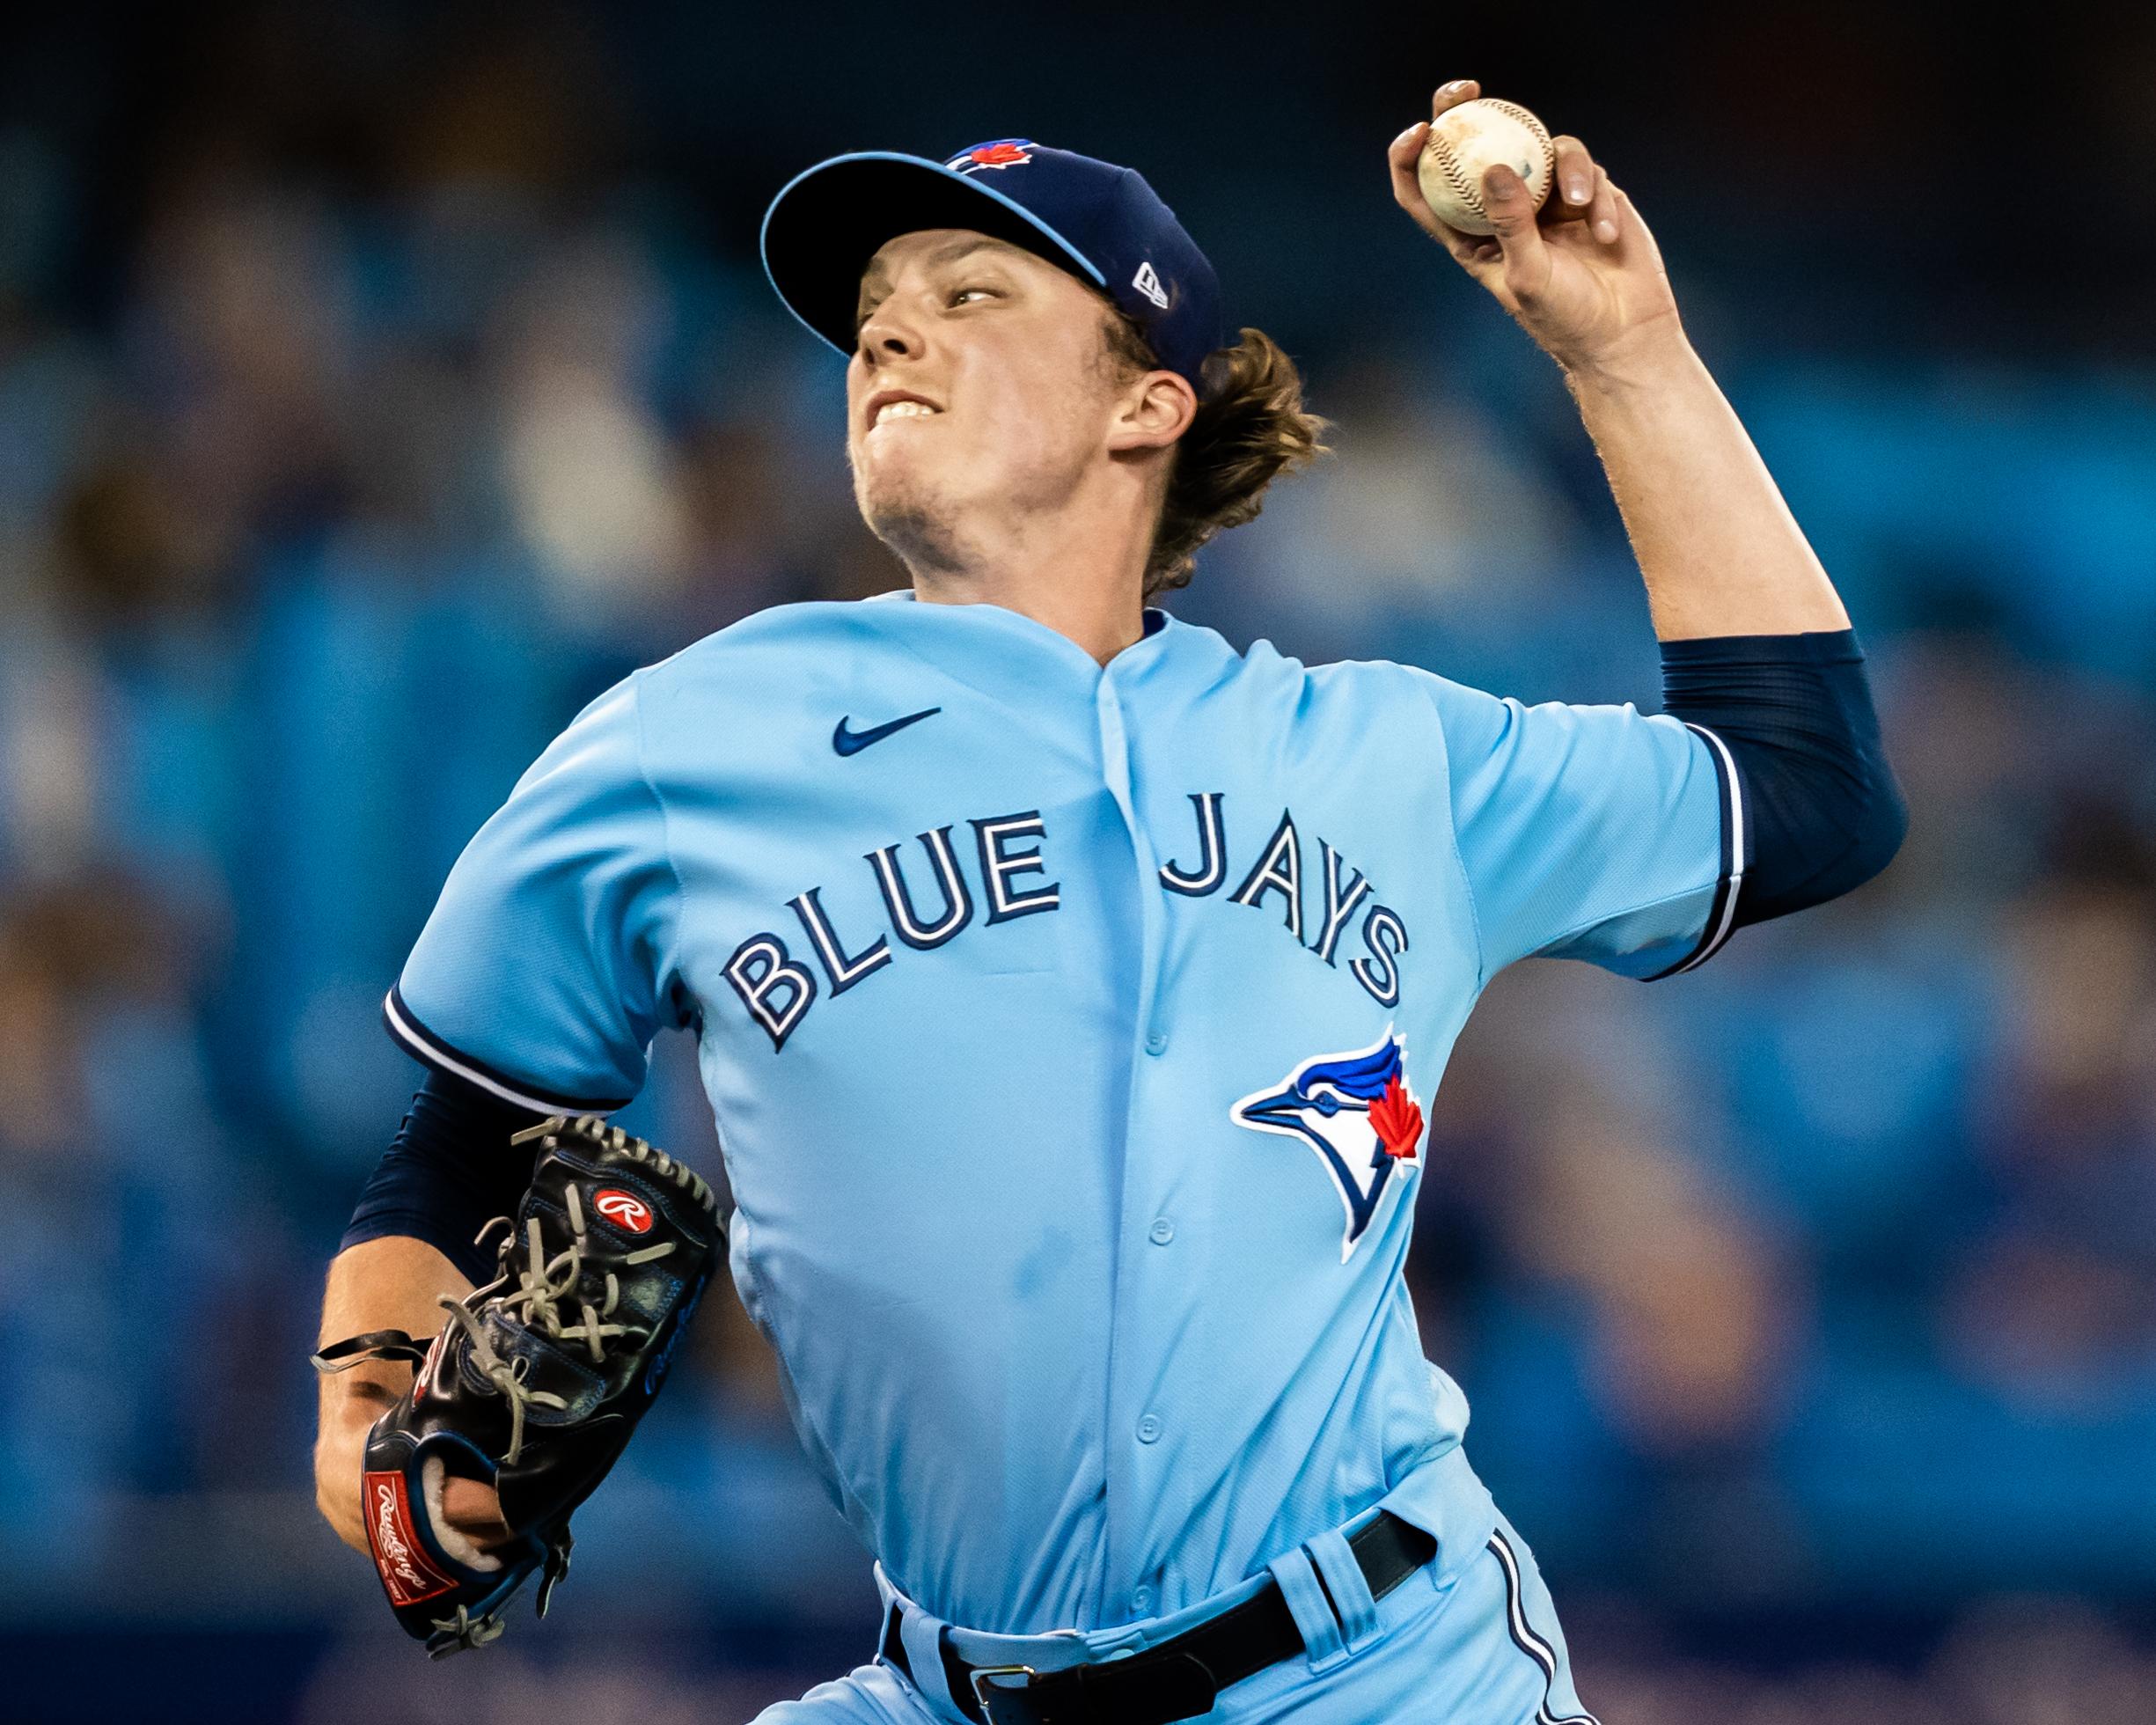 MLB: Cleveland Indians at Toronto Blue Jays